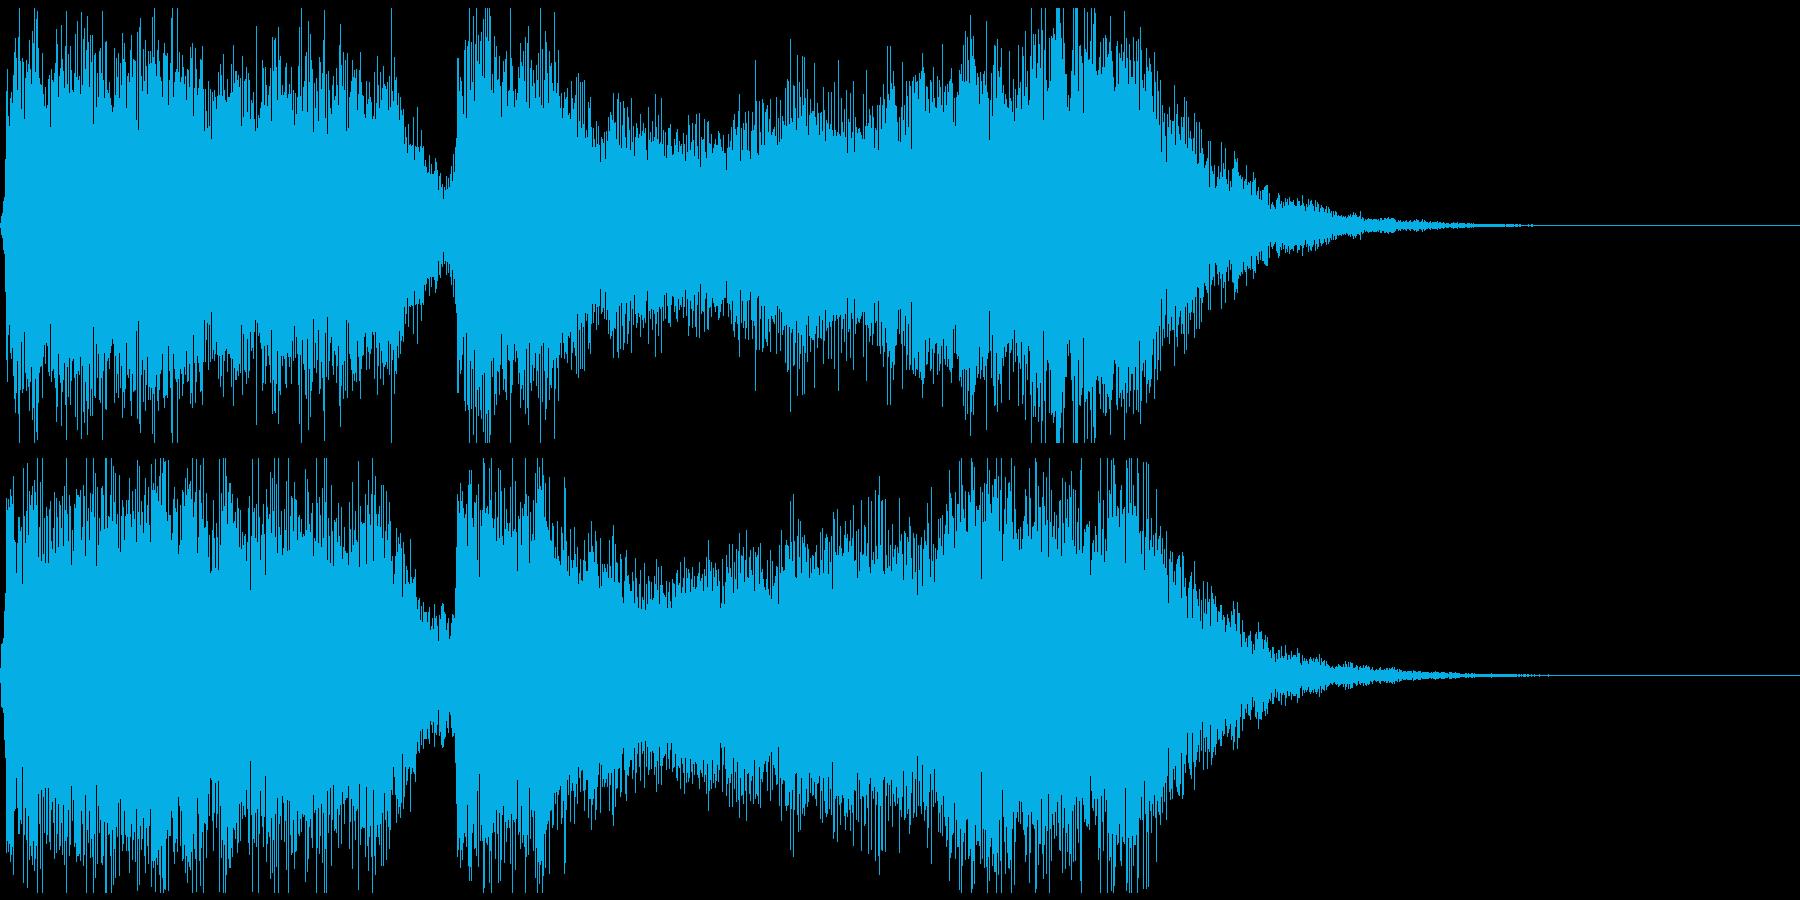 巨大怪獣/戦艦登場シーンの超重厚な曲2の再生済みの波形